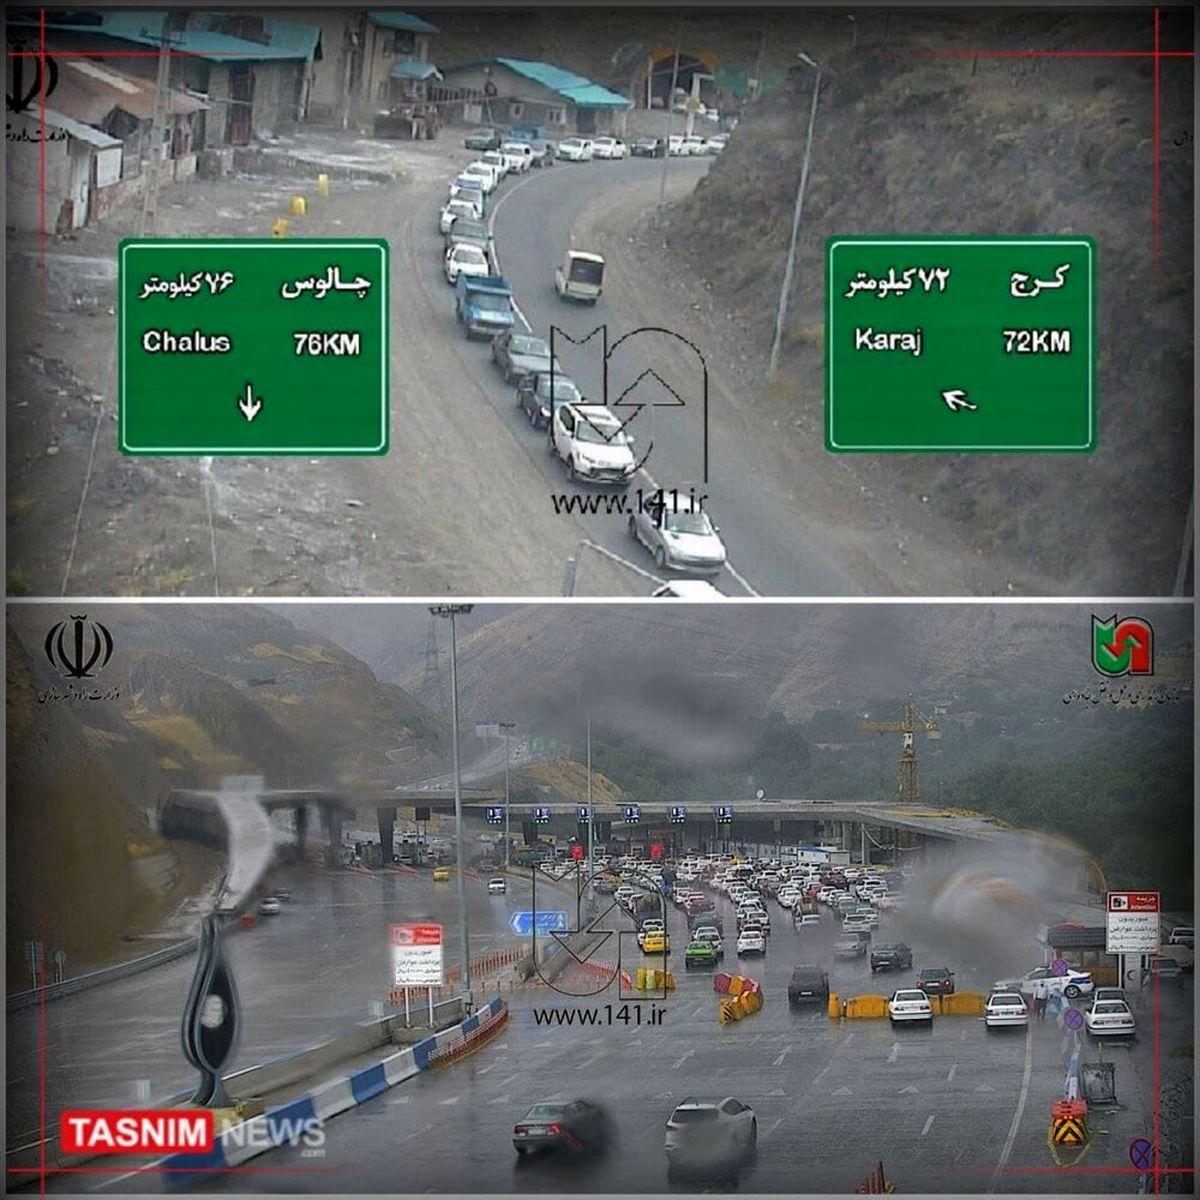 جدیدترین عکس از ترافیک سنگین جاده چالوس بعد از اعلام تعطیلی